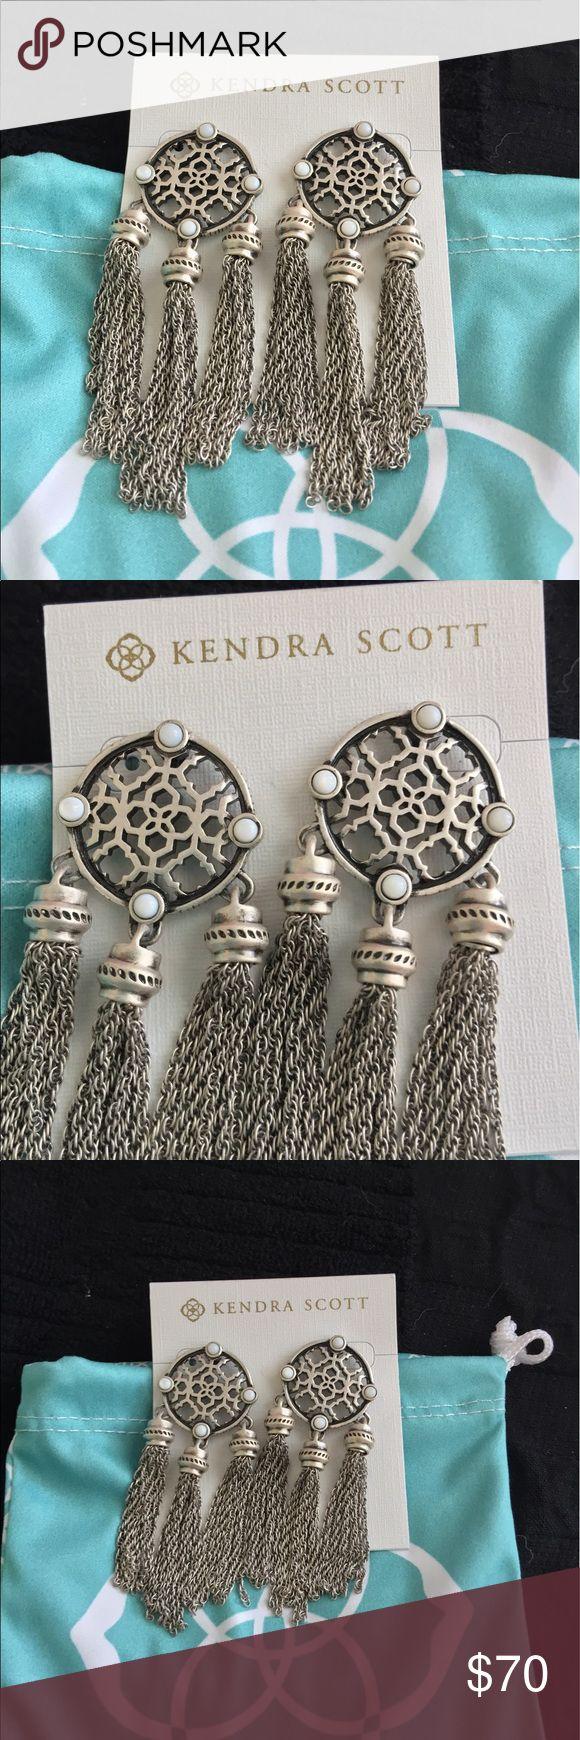 Kendra Scott Adams earrings NWT beautiful Kendra earrings with light, dainty chains. Kendra Scott Jewelry Earrings